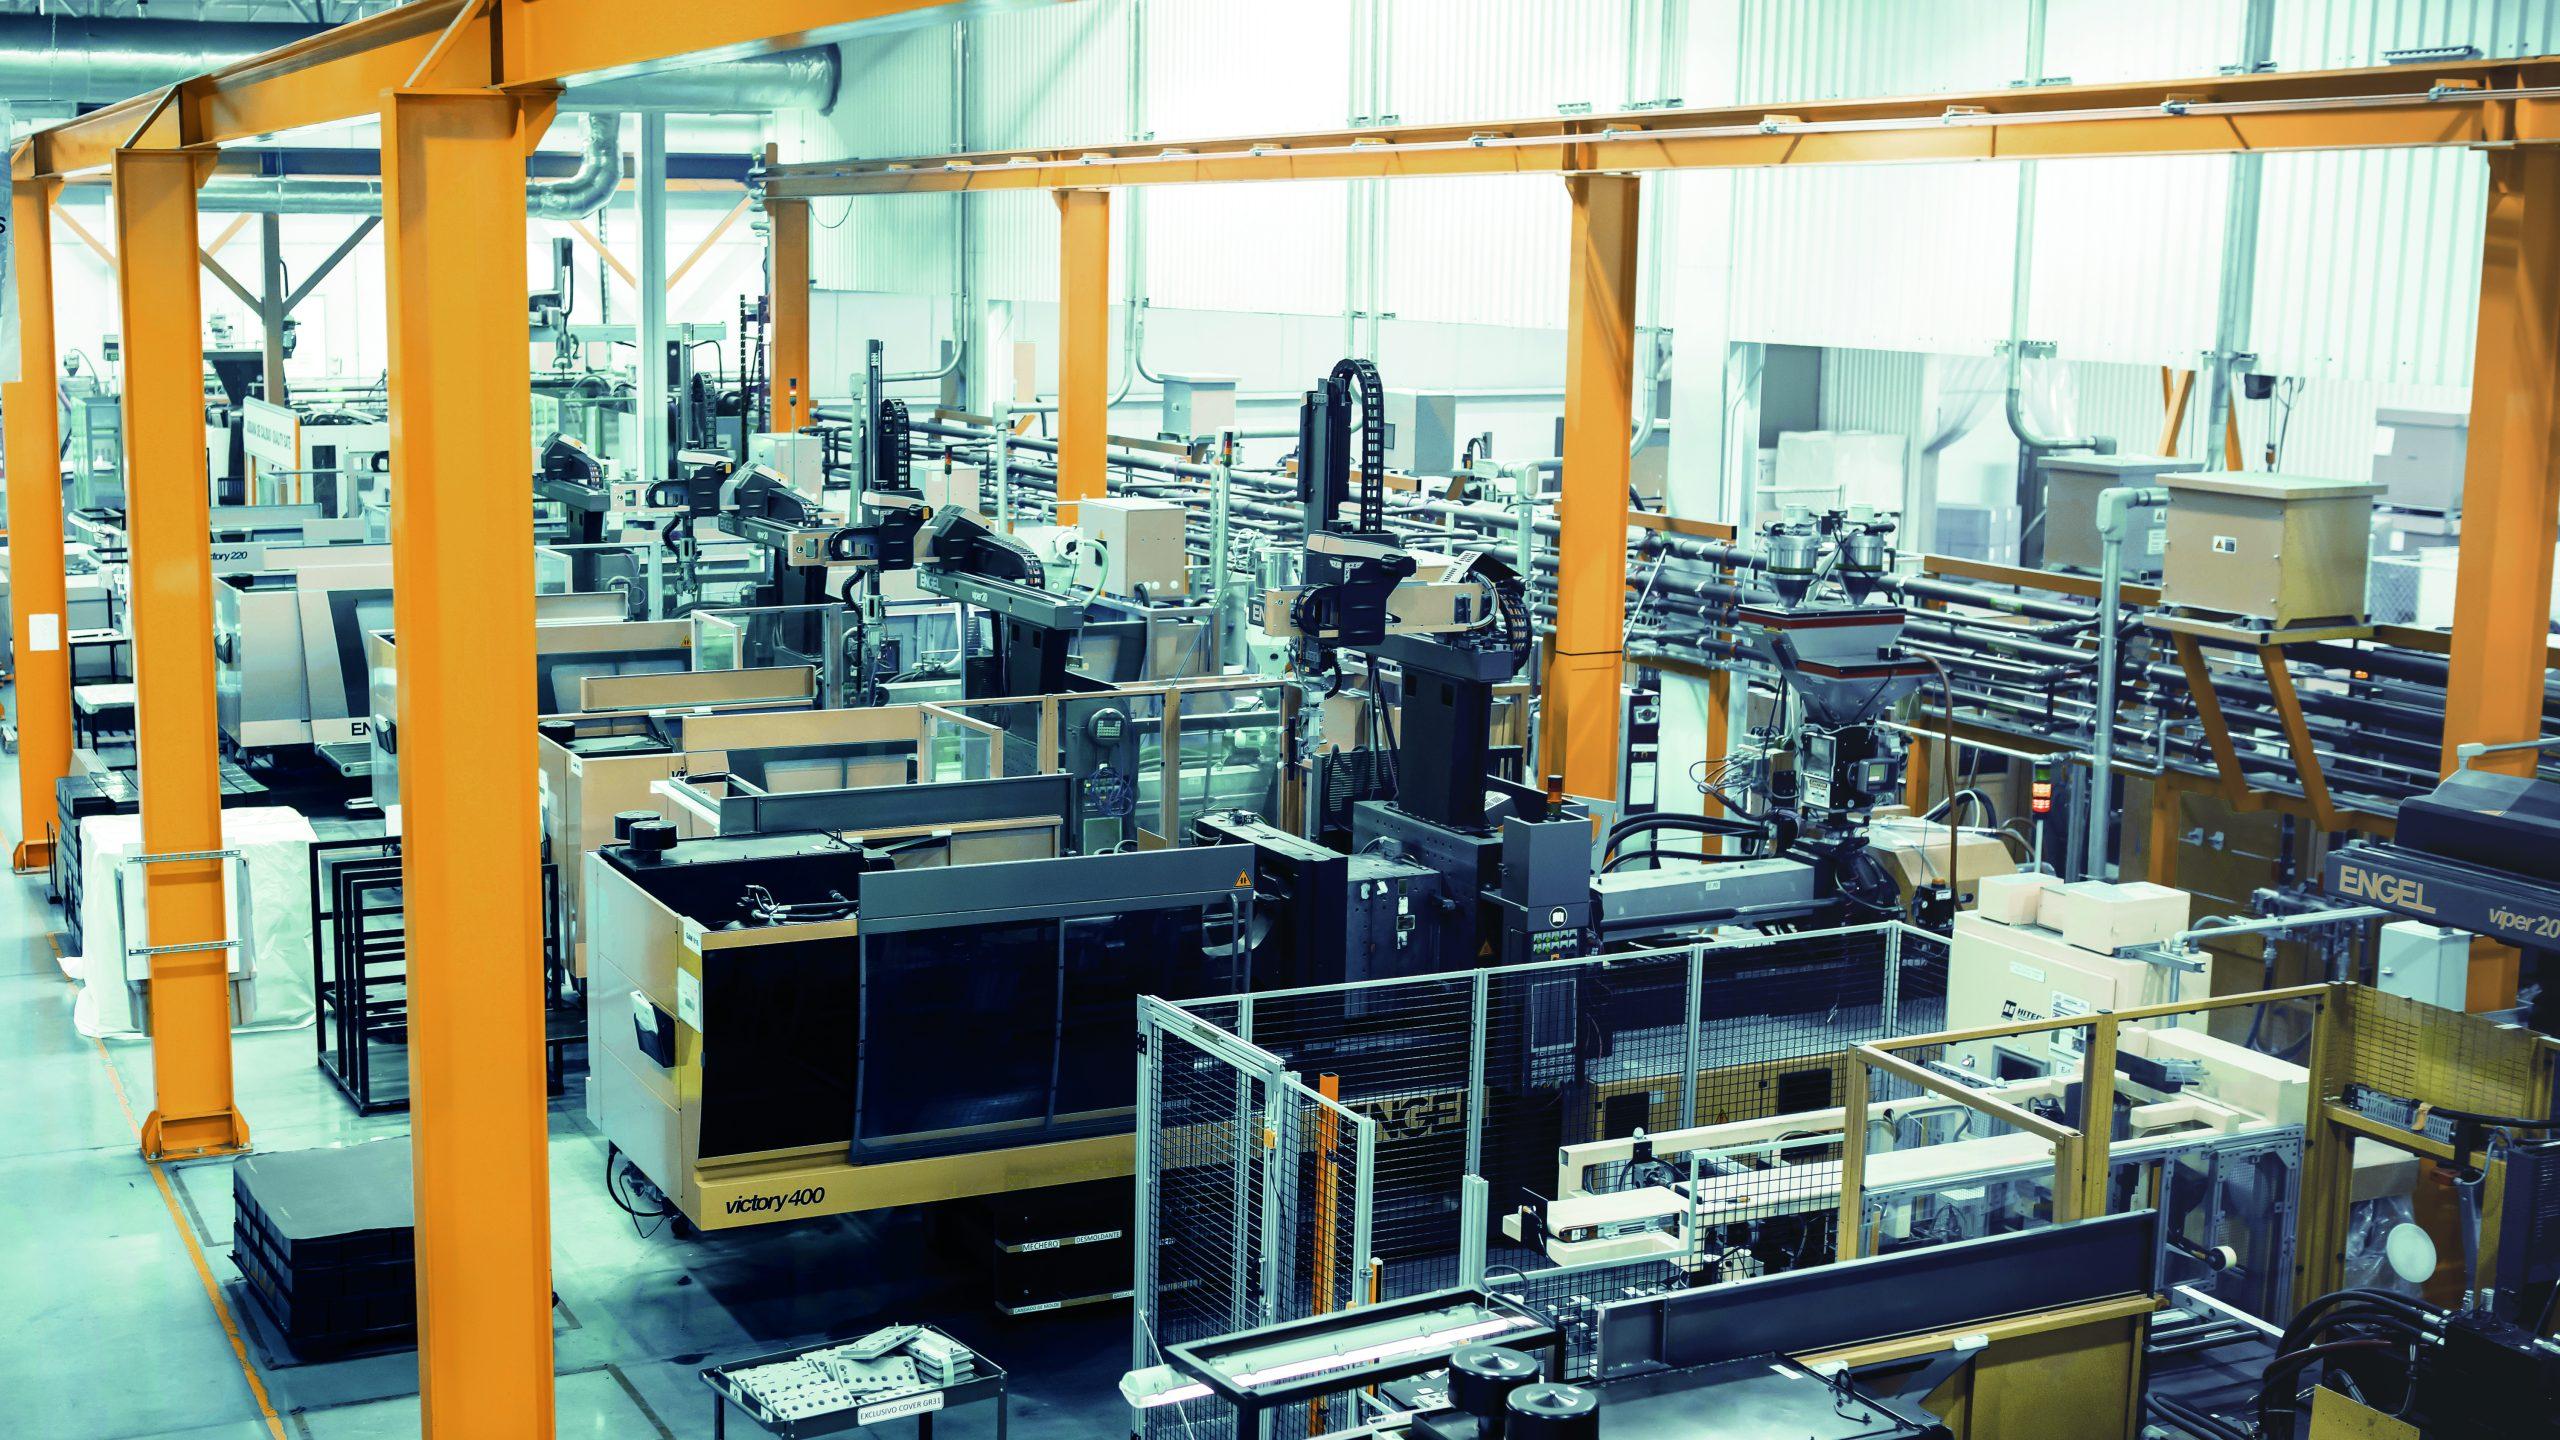 Die kostenlosen Tests der Anwendungen überzeugten bei der Integration des heterogenen Maschinenparks. (Bild: Greiner Packaging International GmbH)